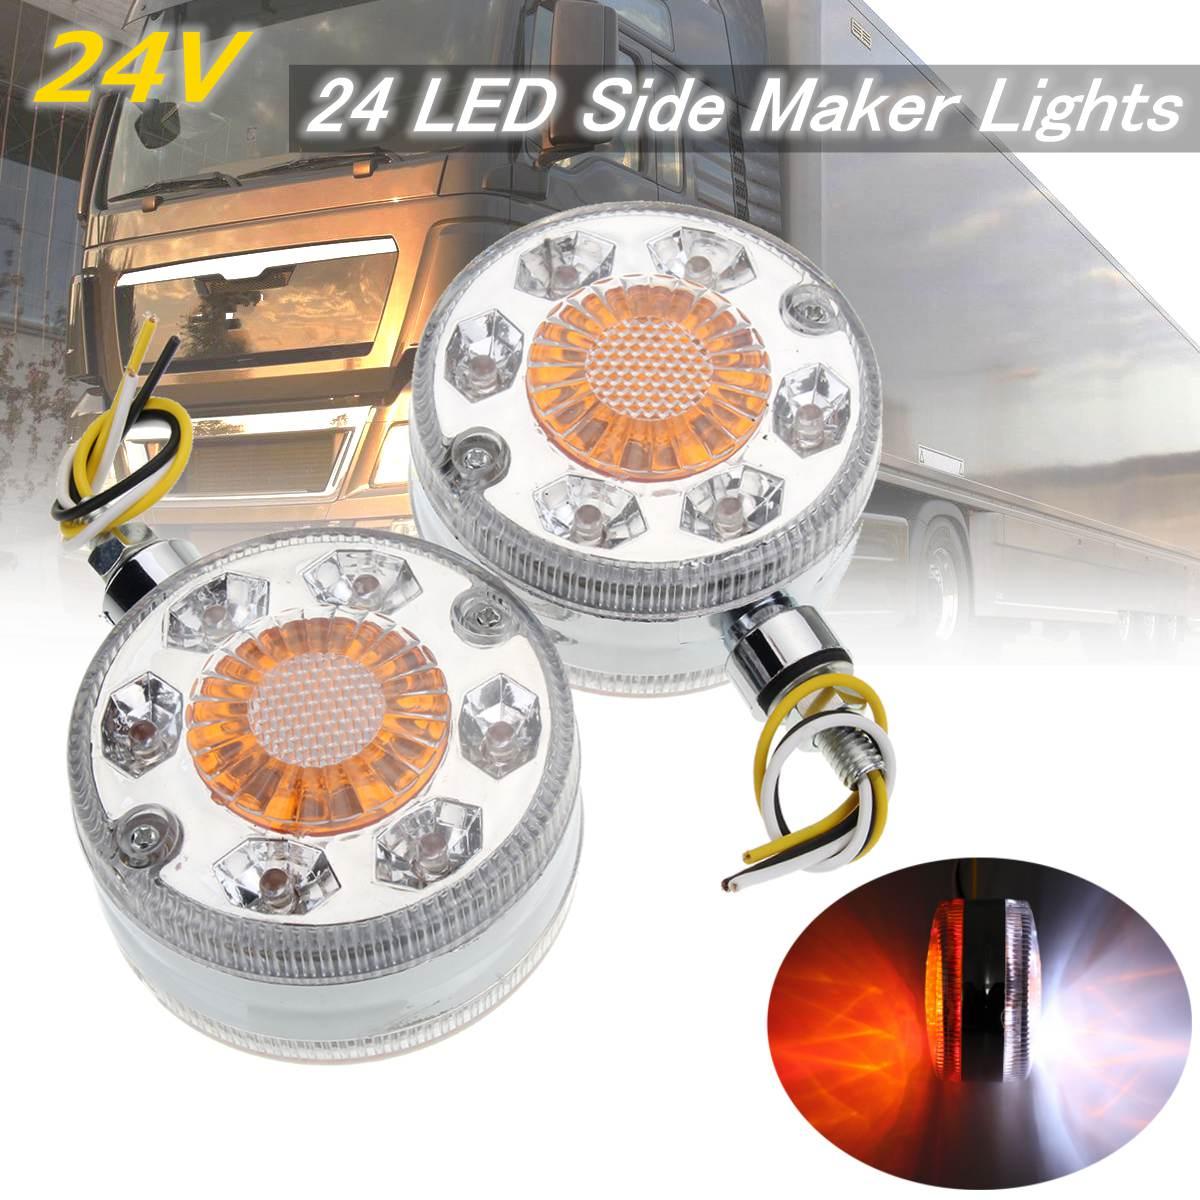 2pcs Chrome Red White Amber 24 LED Side Maker Lights For SCANIA DAF MAN RENAULT 24V Honda Grom